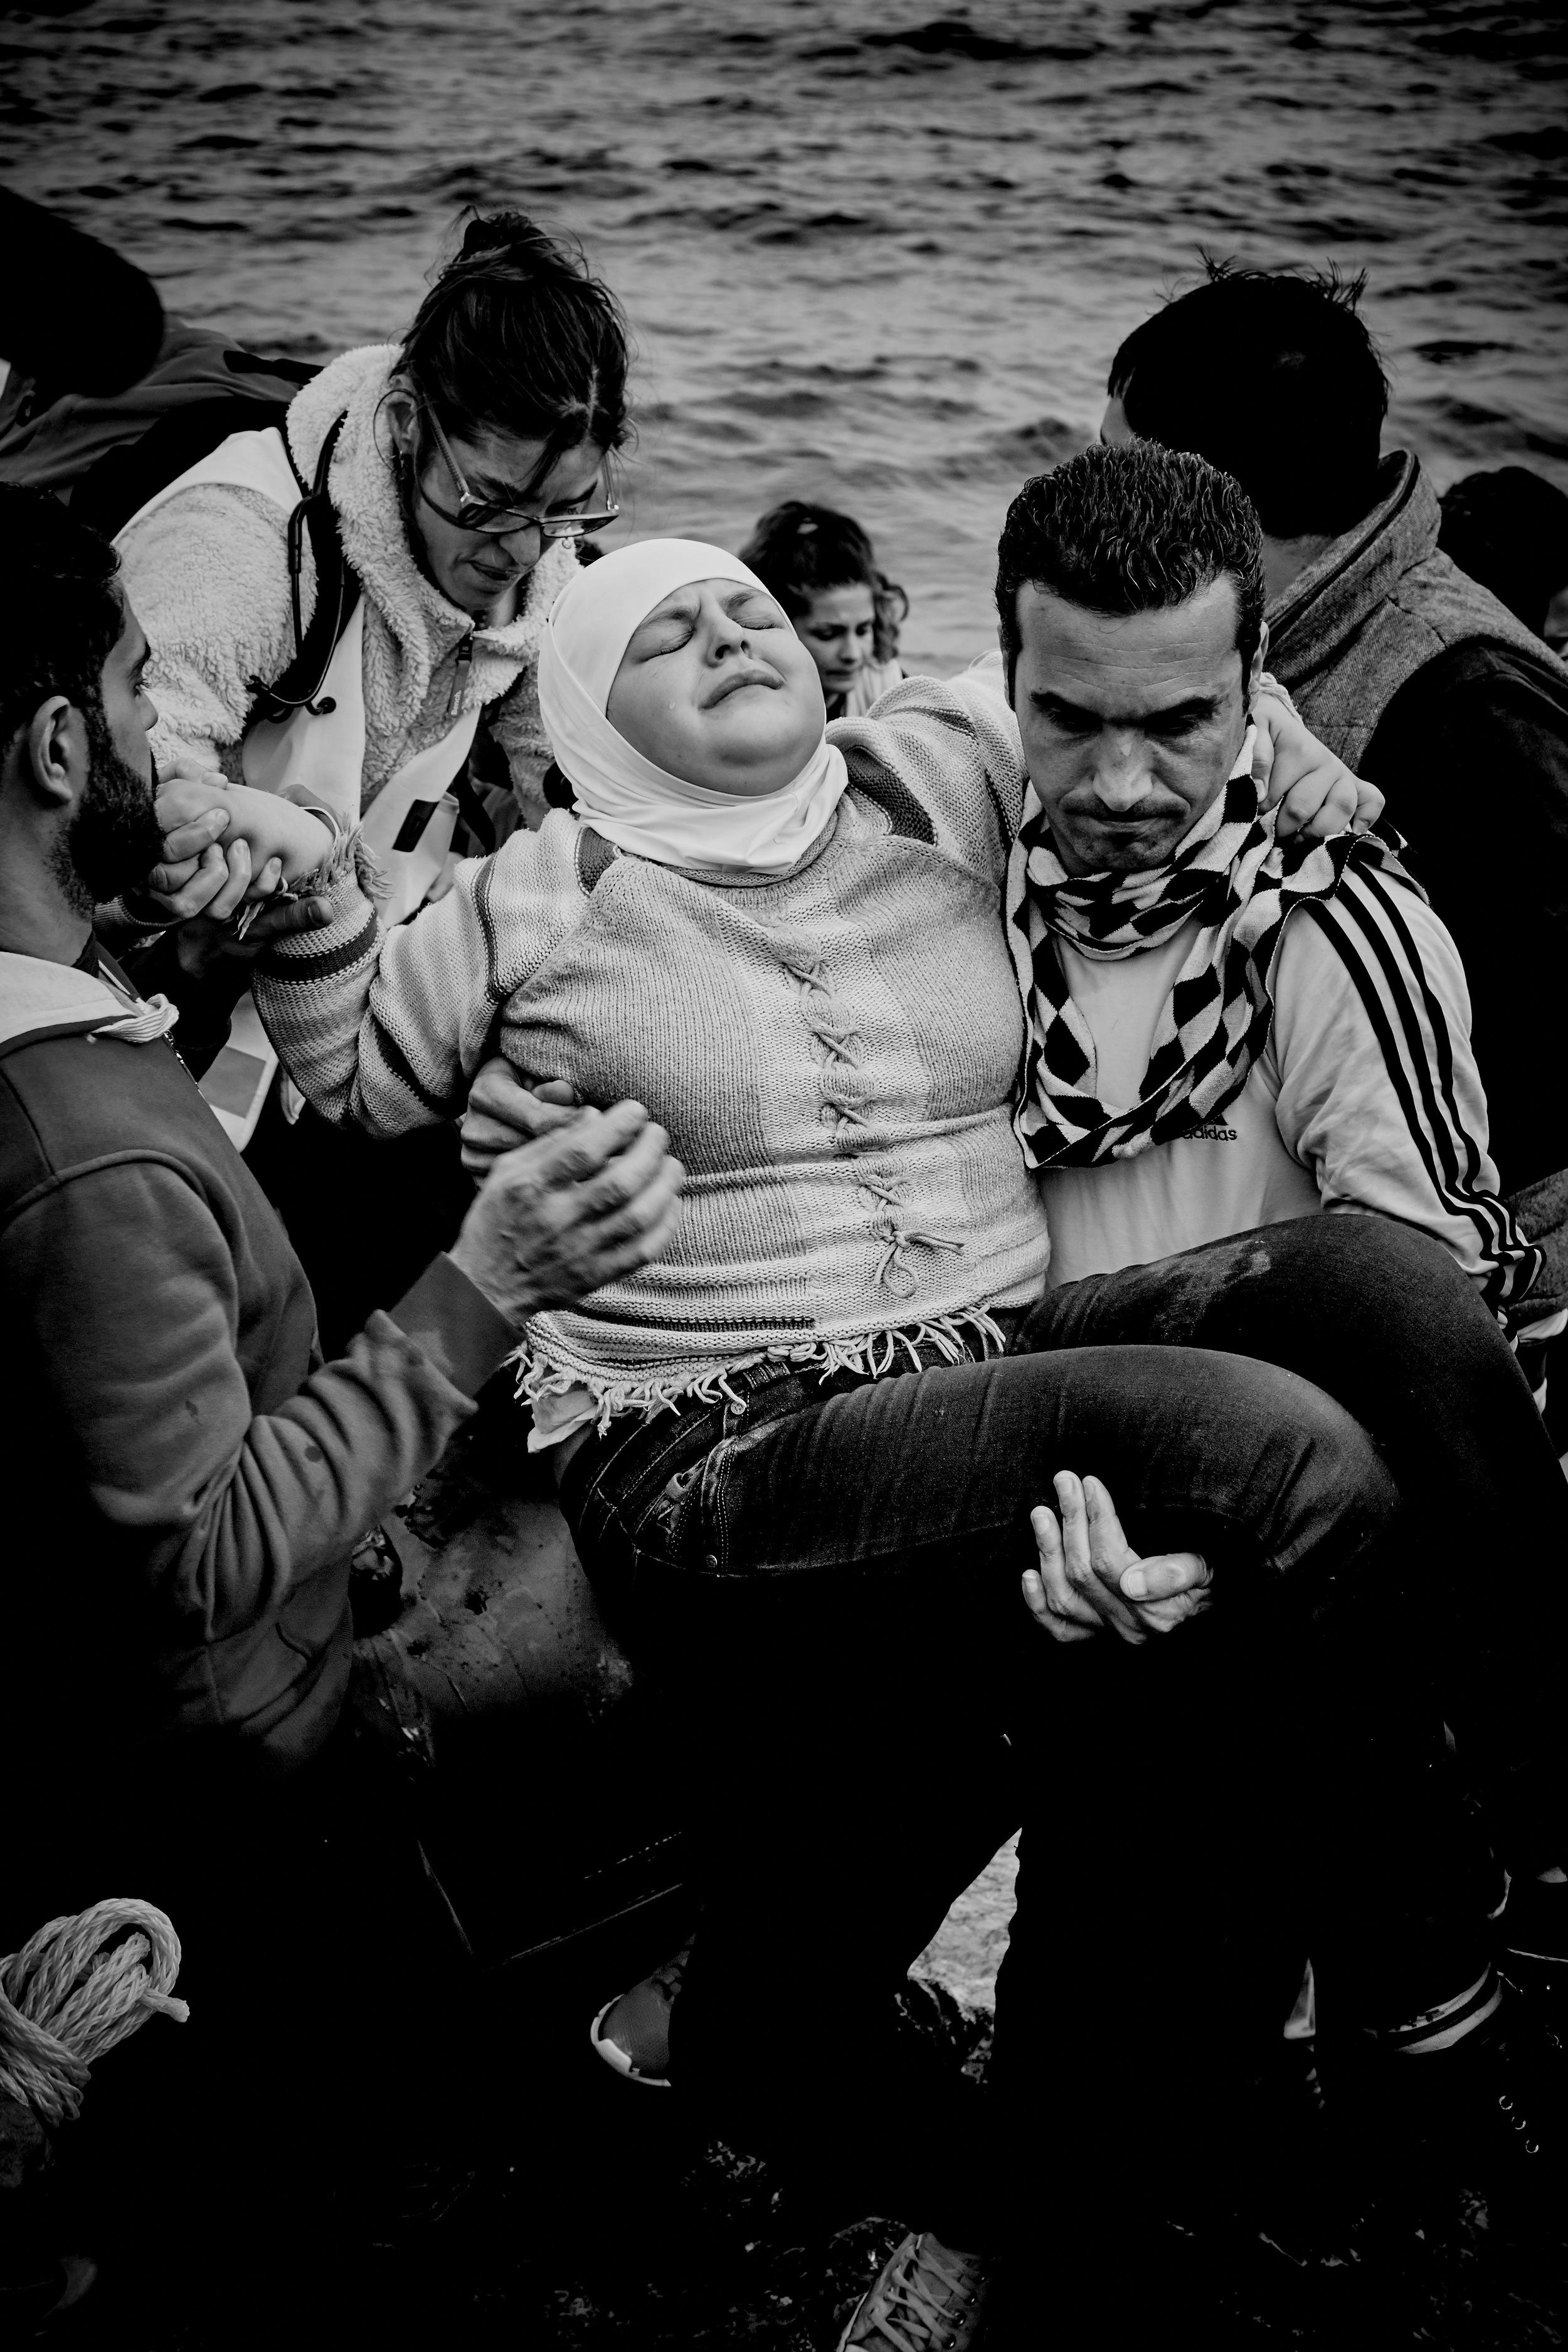 Lesbos nov 2015